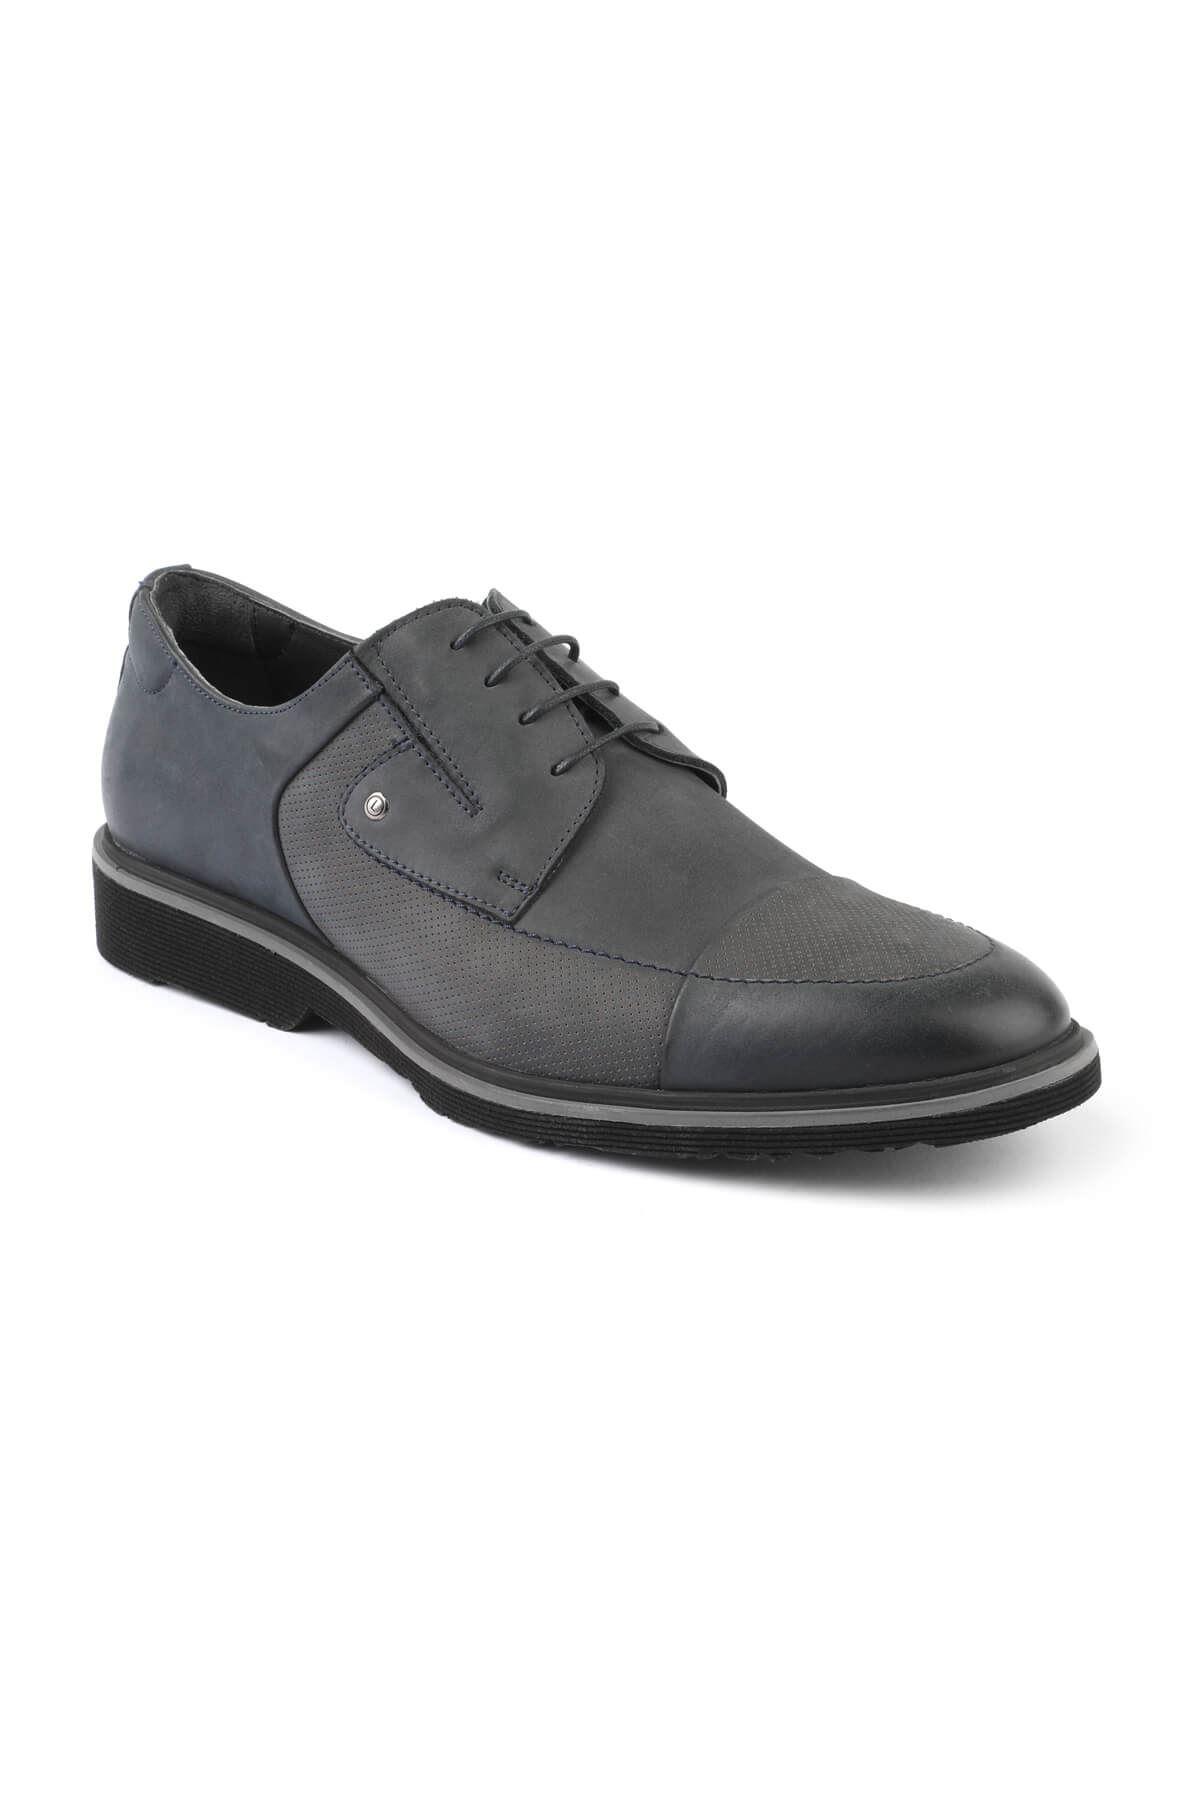 Libero T815 Gray Casual Shoes